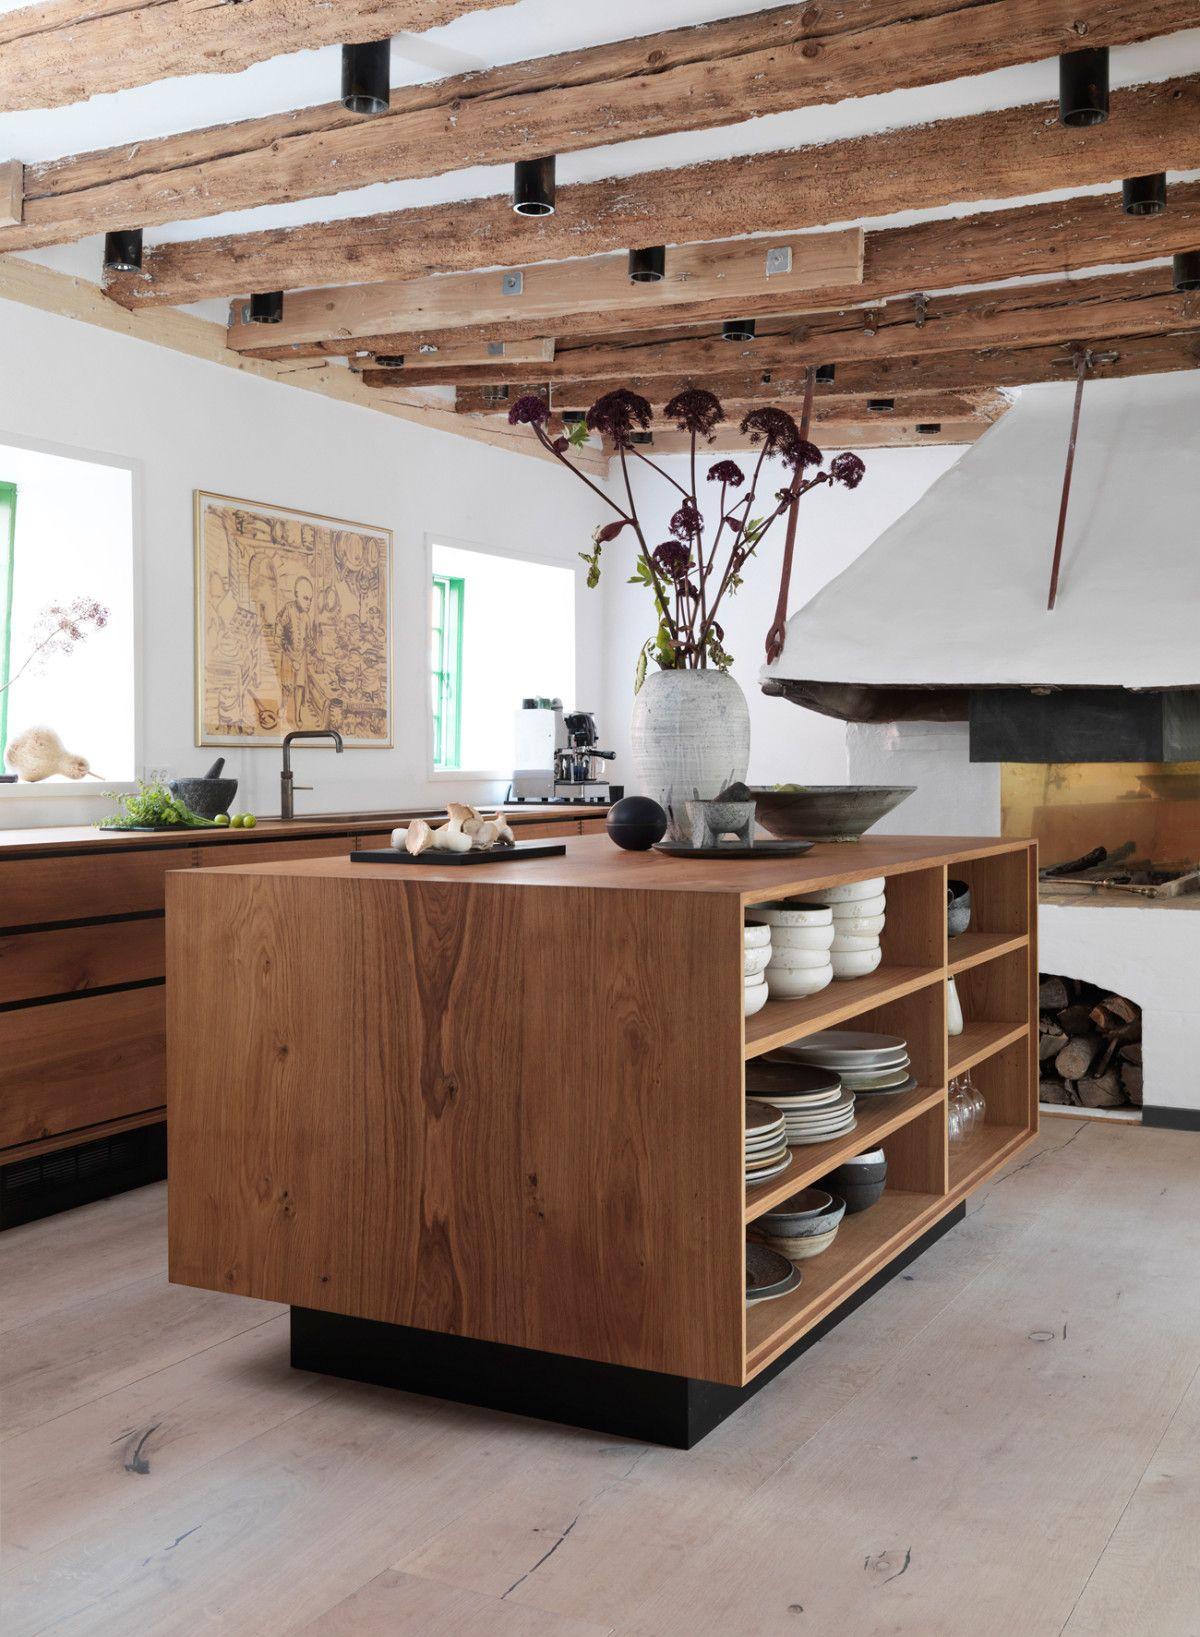 Küchendesign vor haus good wood cooking  landhaus  pinterest  küchenmöbel haus und